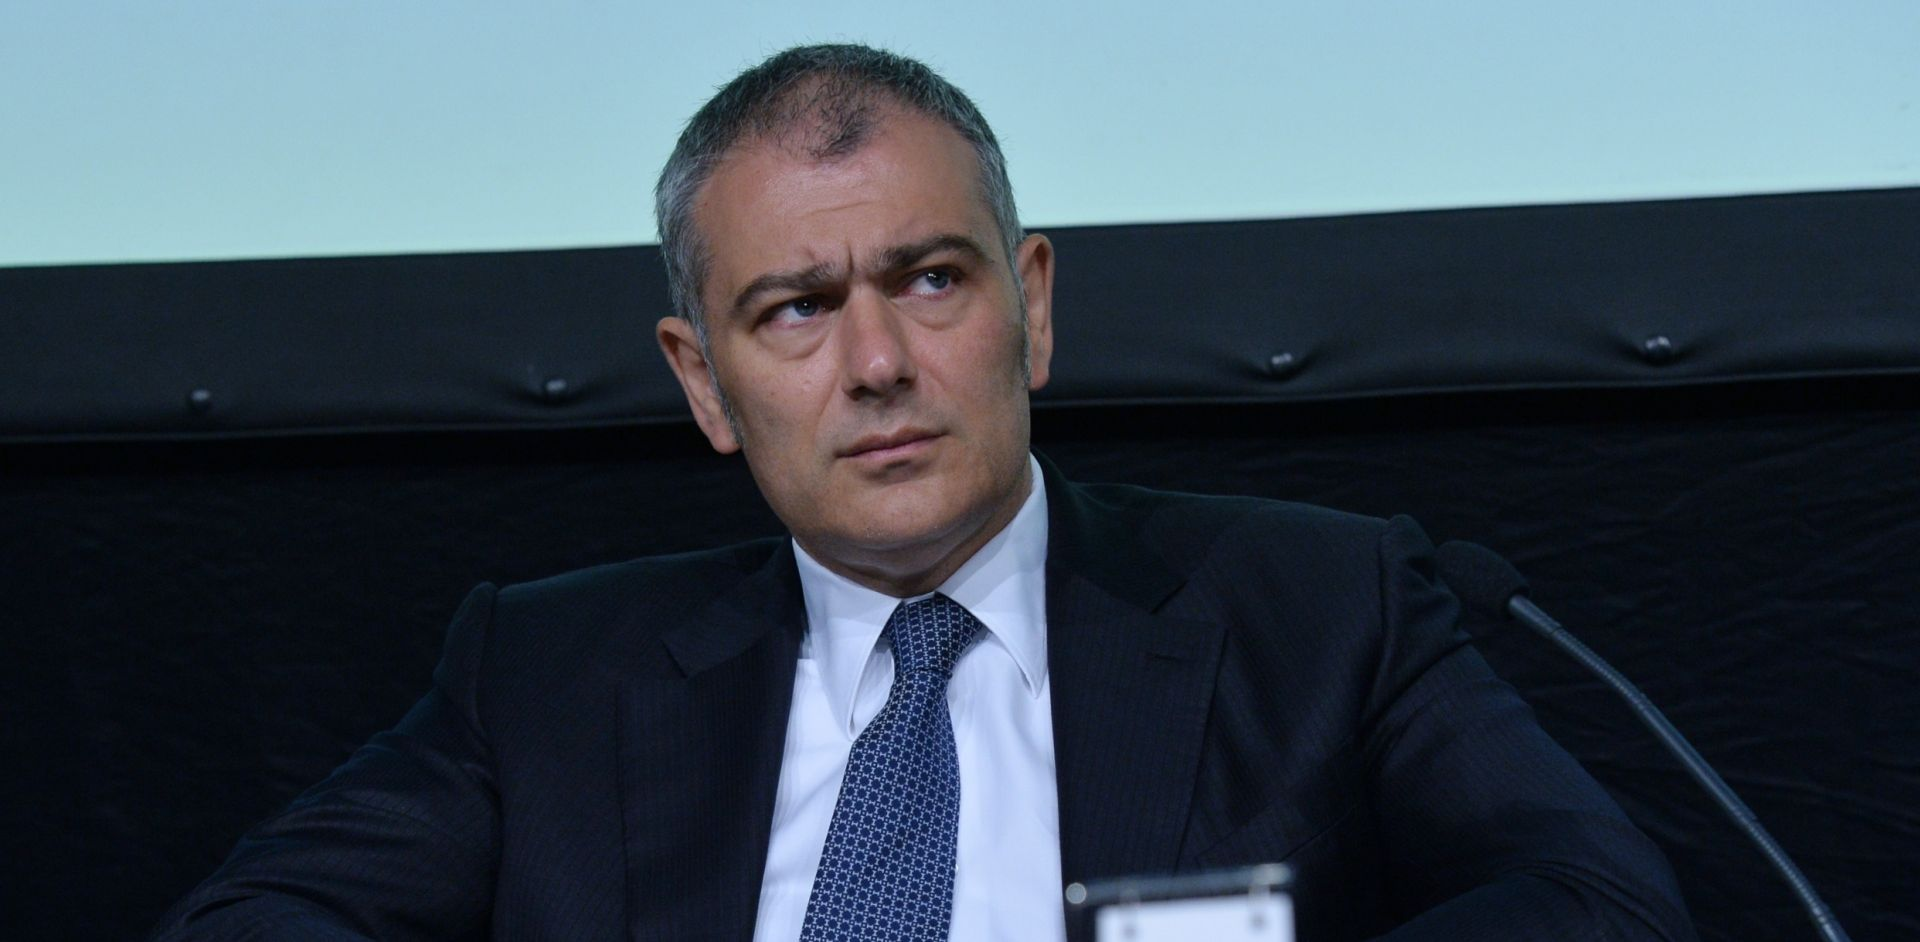 Emil Tedeschi: Imao sam puno neugodnosti zbog prijateljstva s Milanovićem